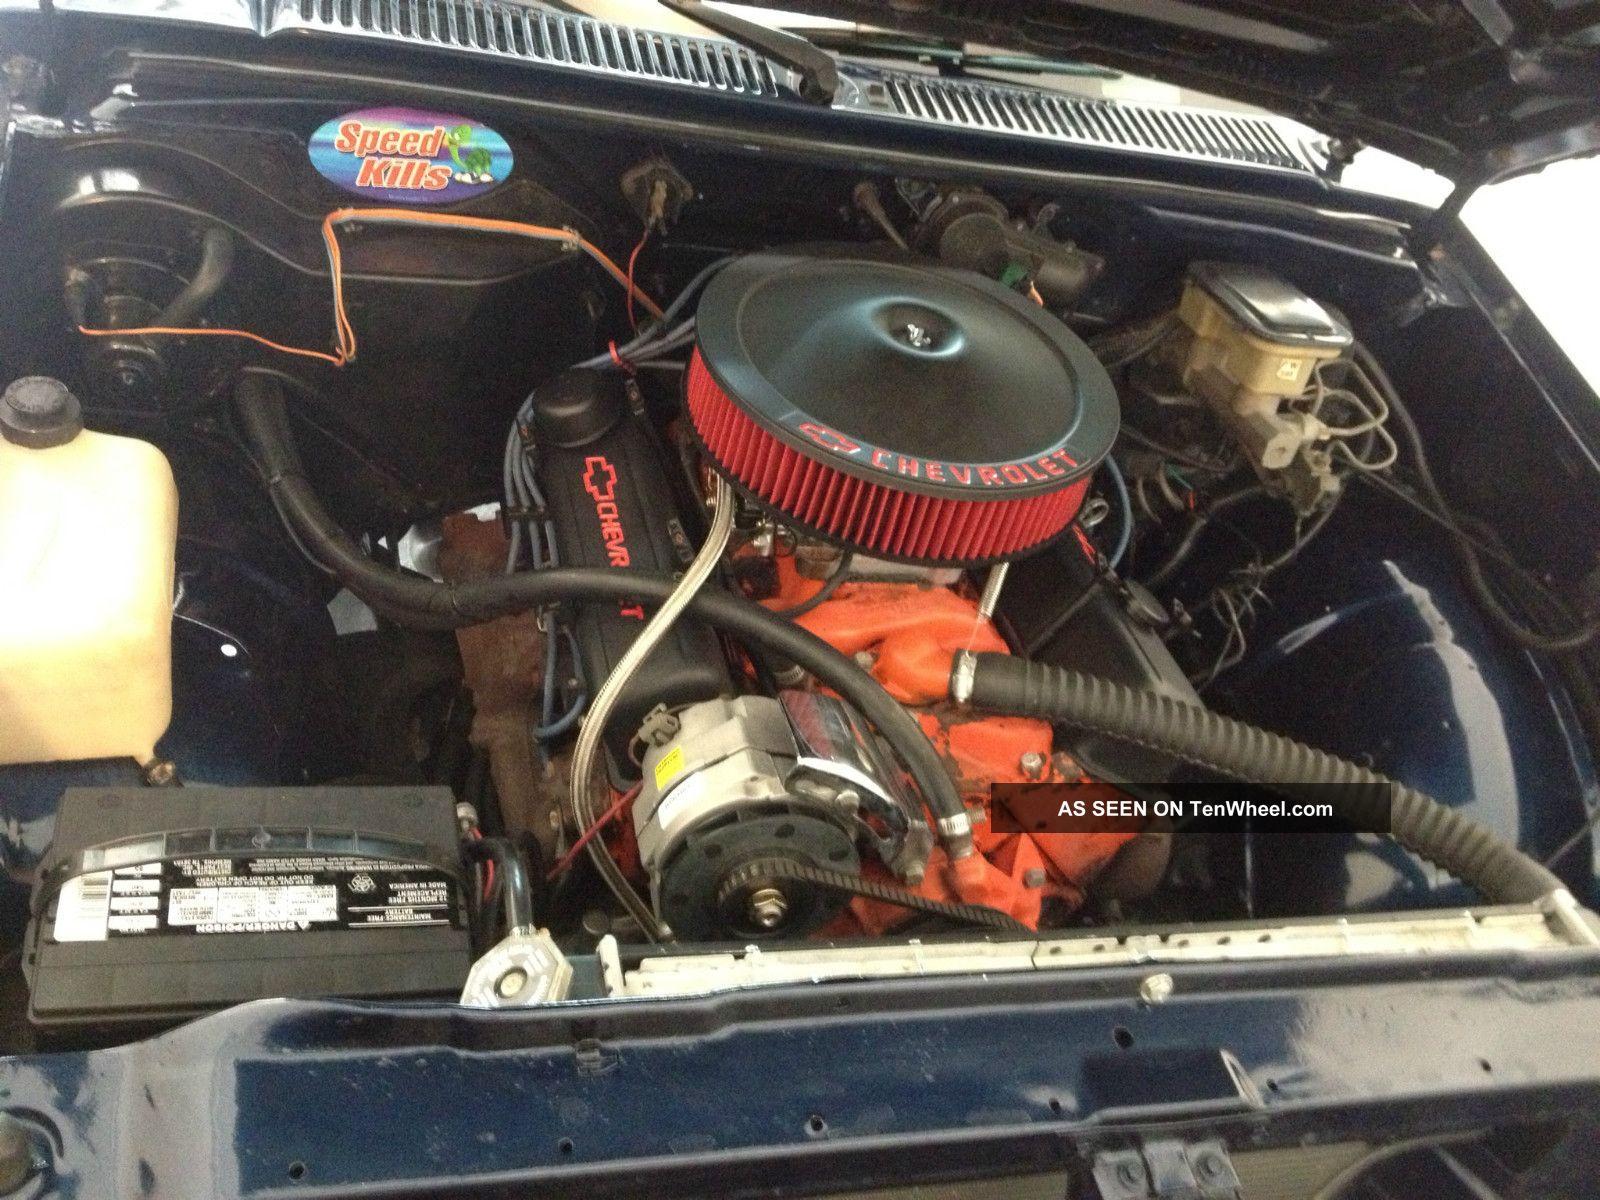 1986 Chevrolet S10 S - 10 Sbc 350 V8 Fast Custom Chevy ...